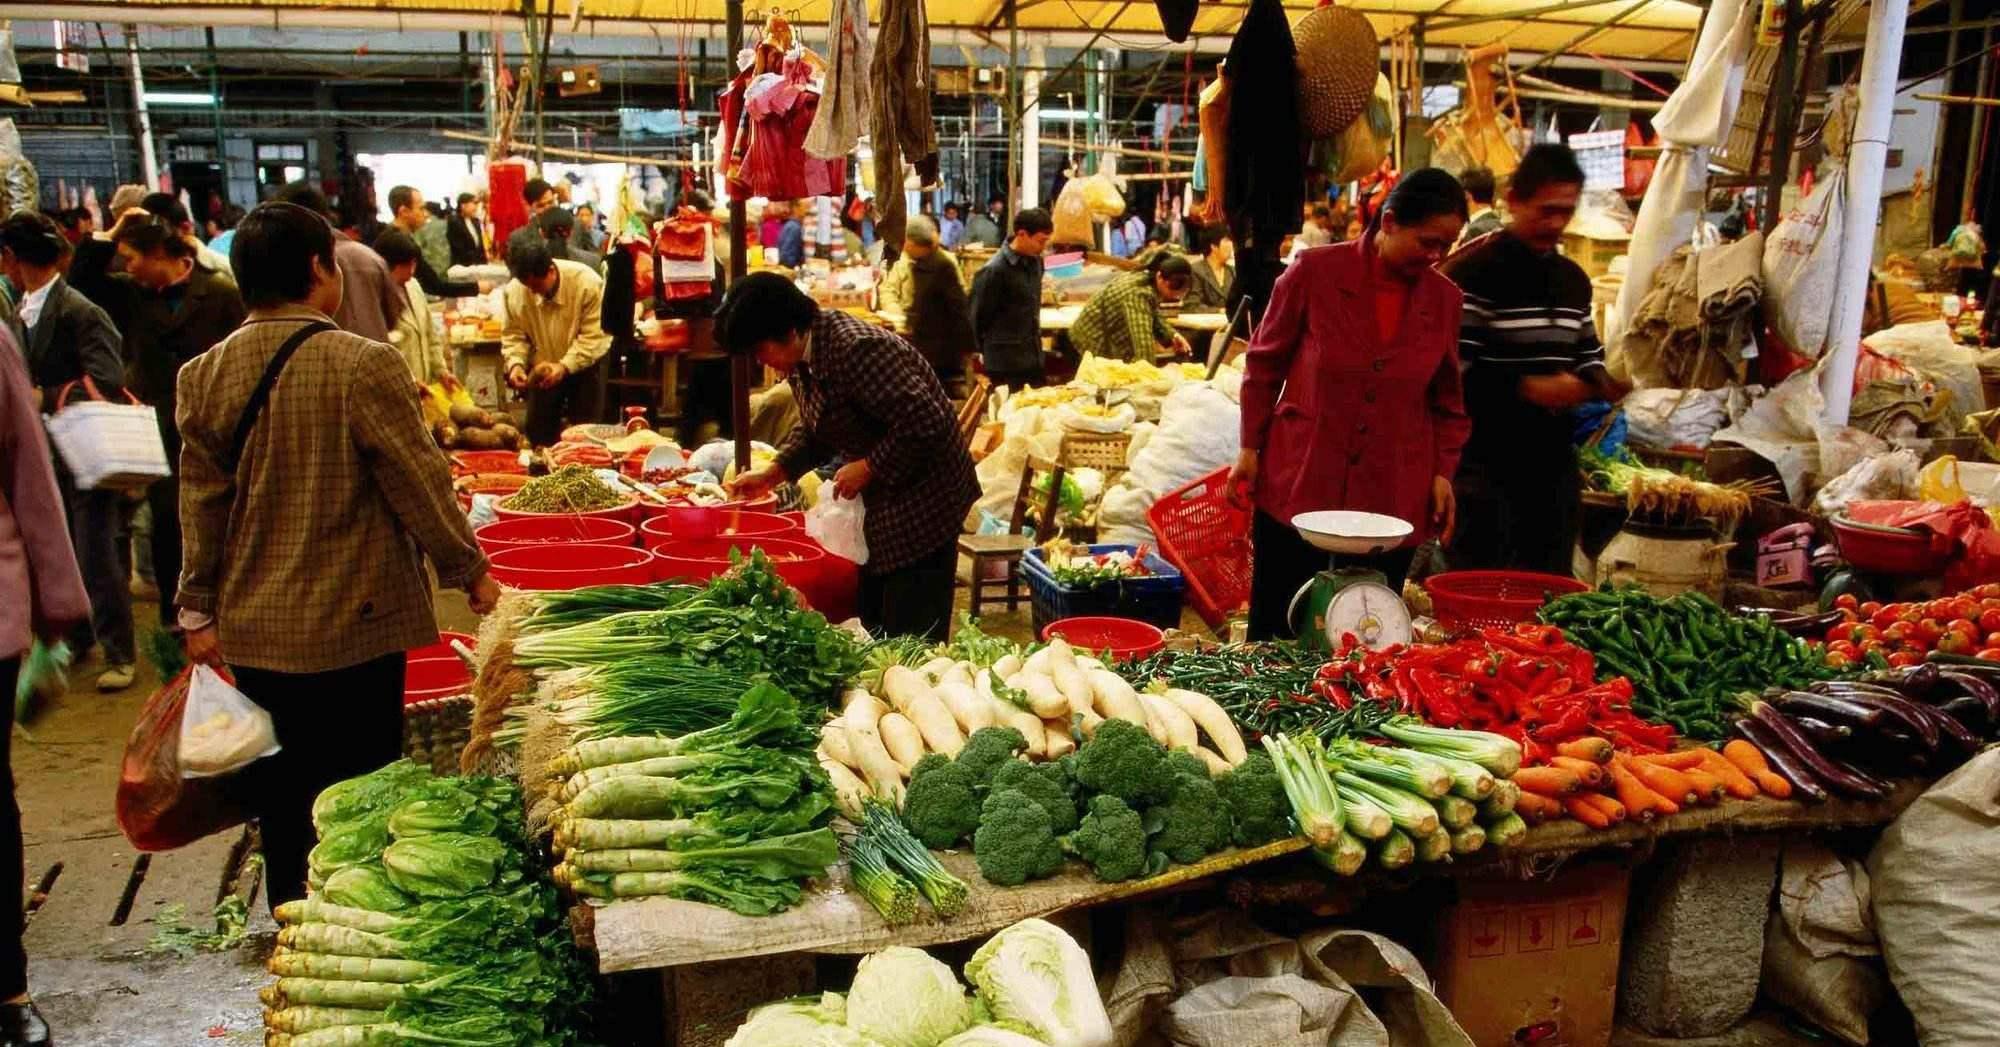 日本像墓地 印度像垃圾场 中国最热闹美国游客评价各国菜市场: